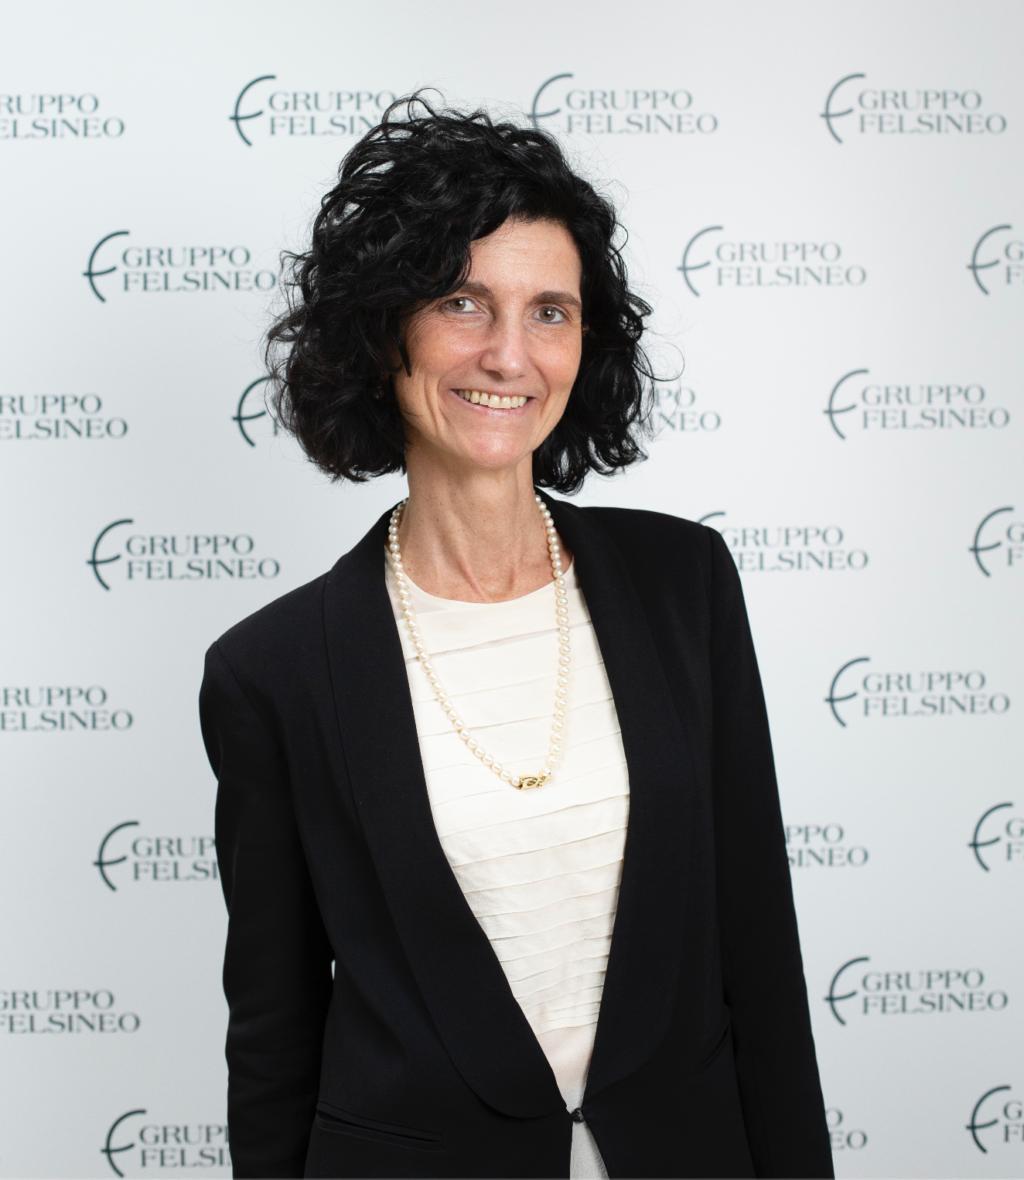 Emanuela Raimondi